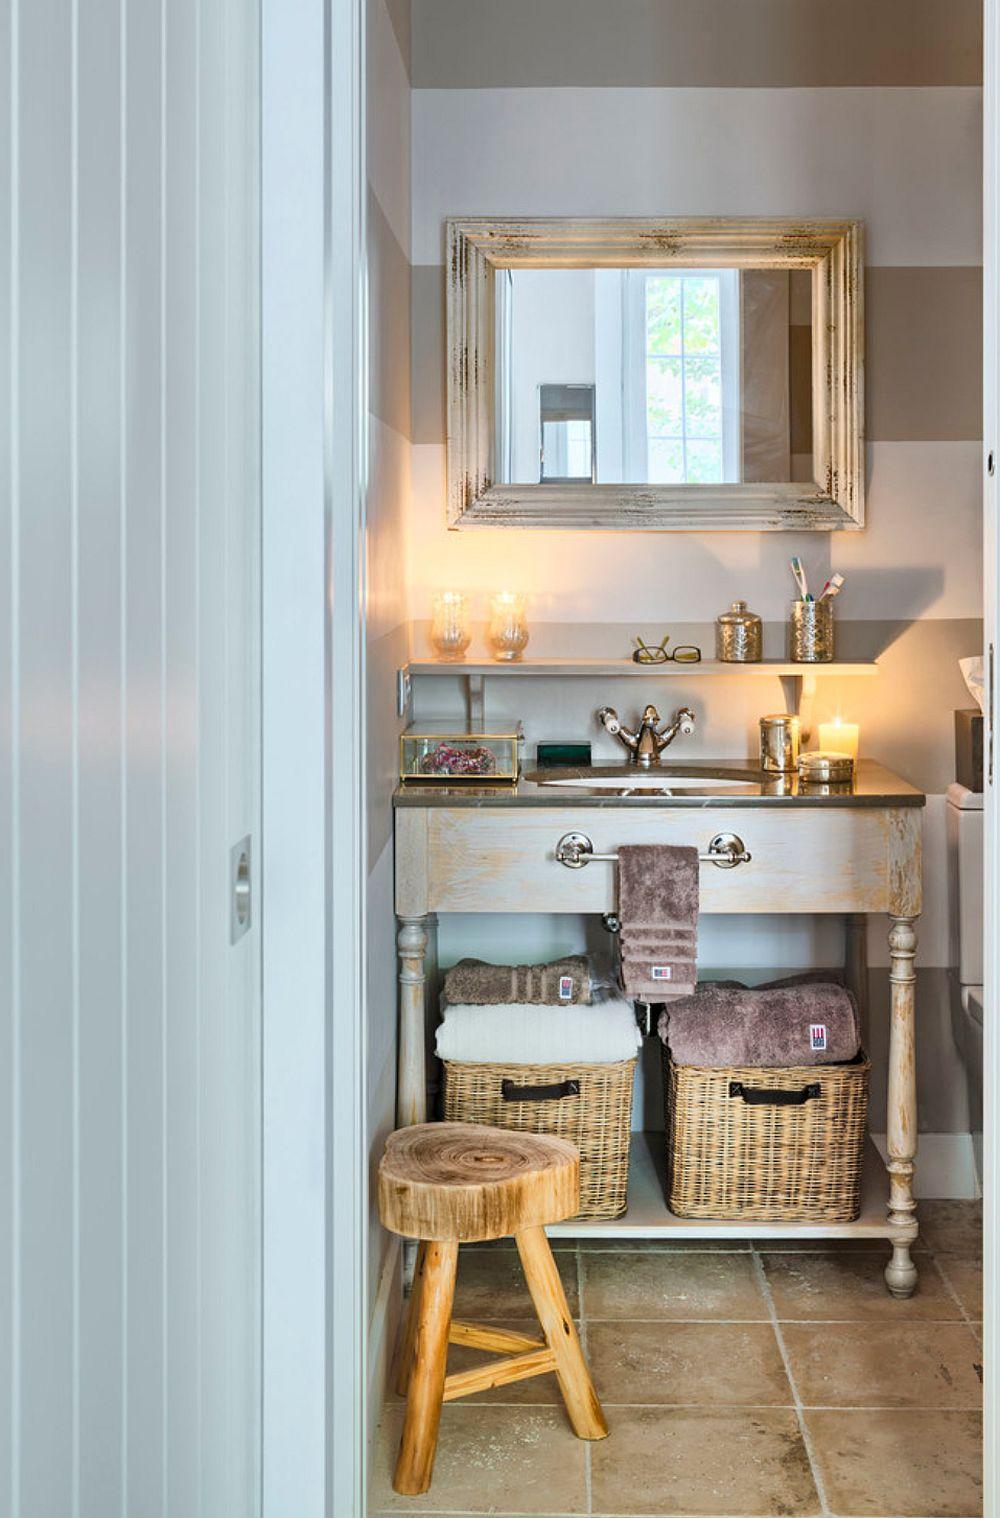 Baia este mică, dar funcțional organizată. Pentru a continua stilul combinat de amenajare - rustic și scandinav designerul a ales un mobilier care să personalizeze spațiul în acord cu finisajele.